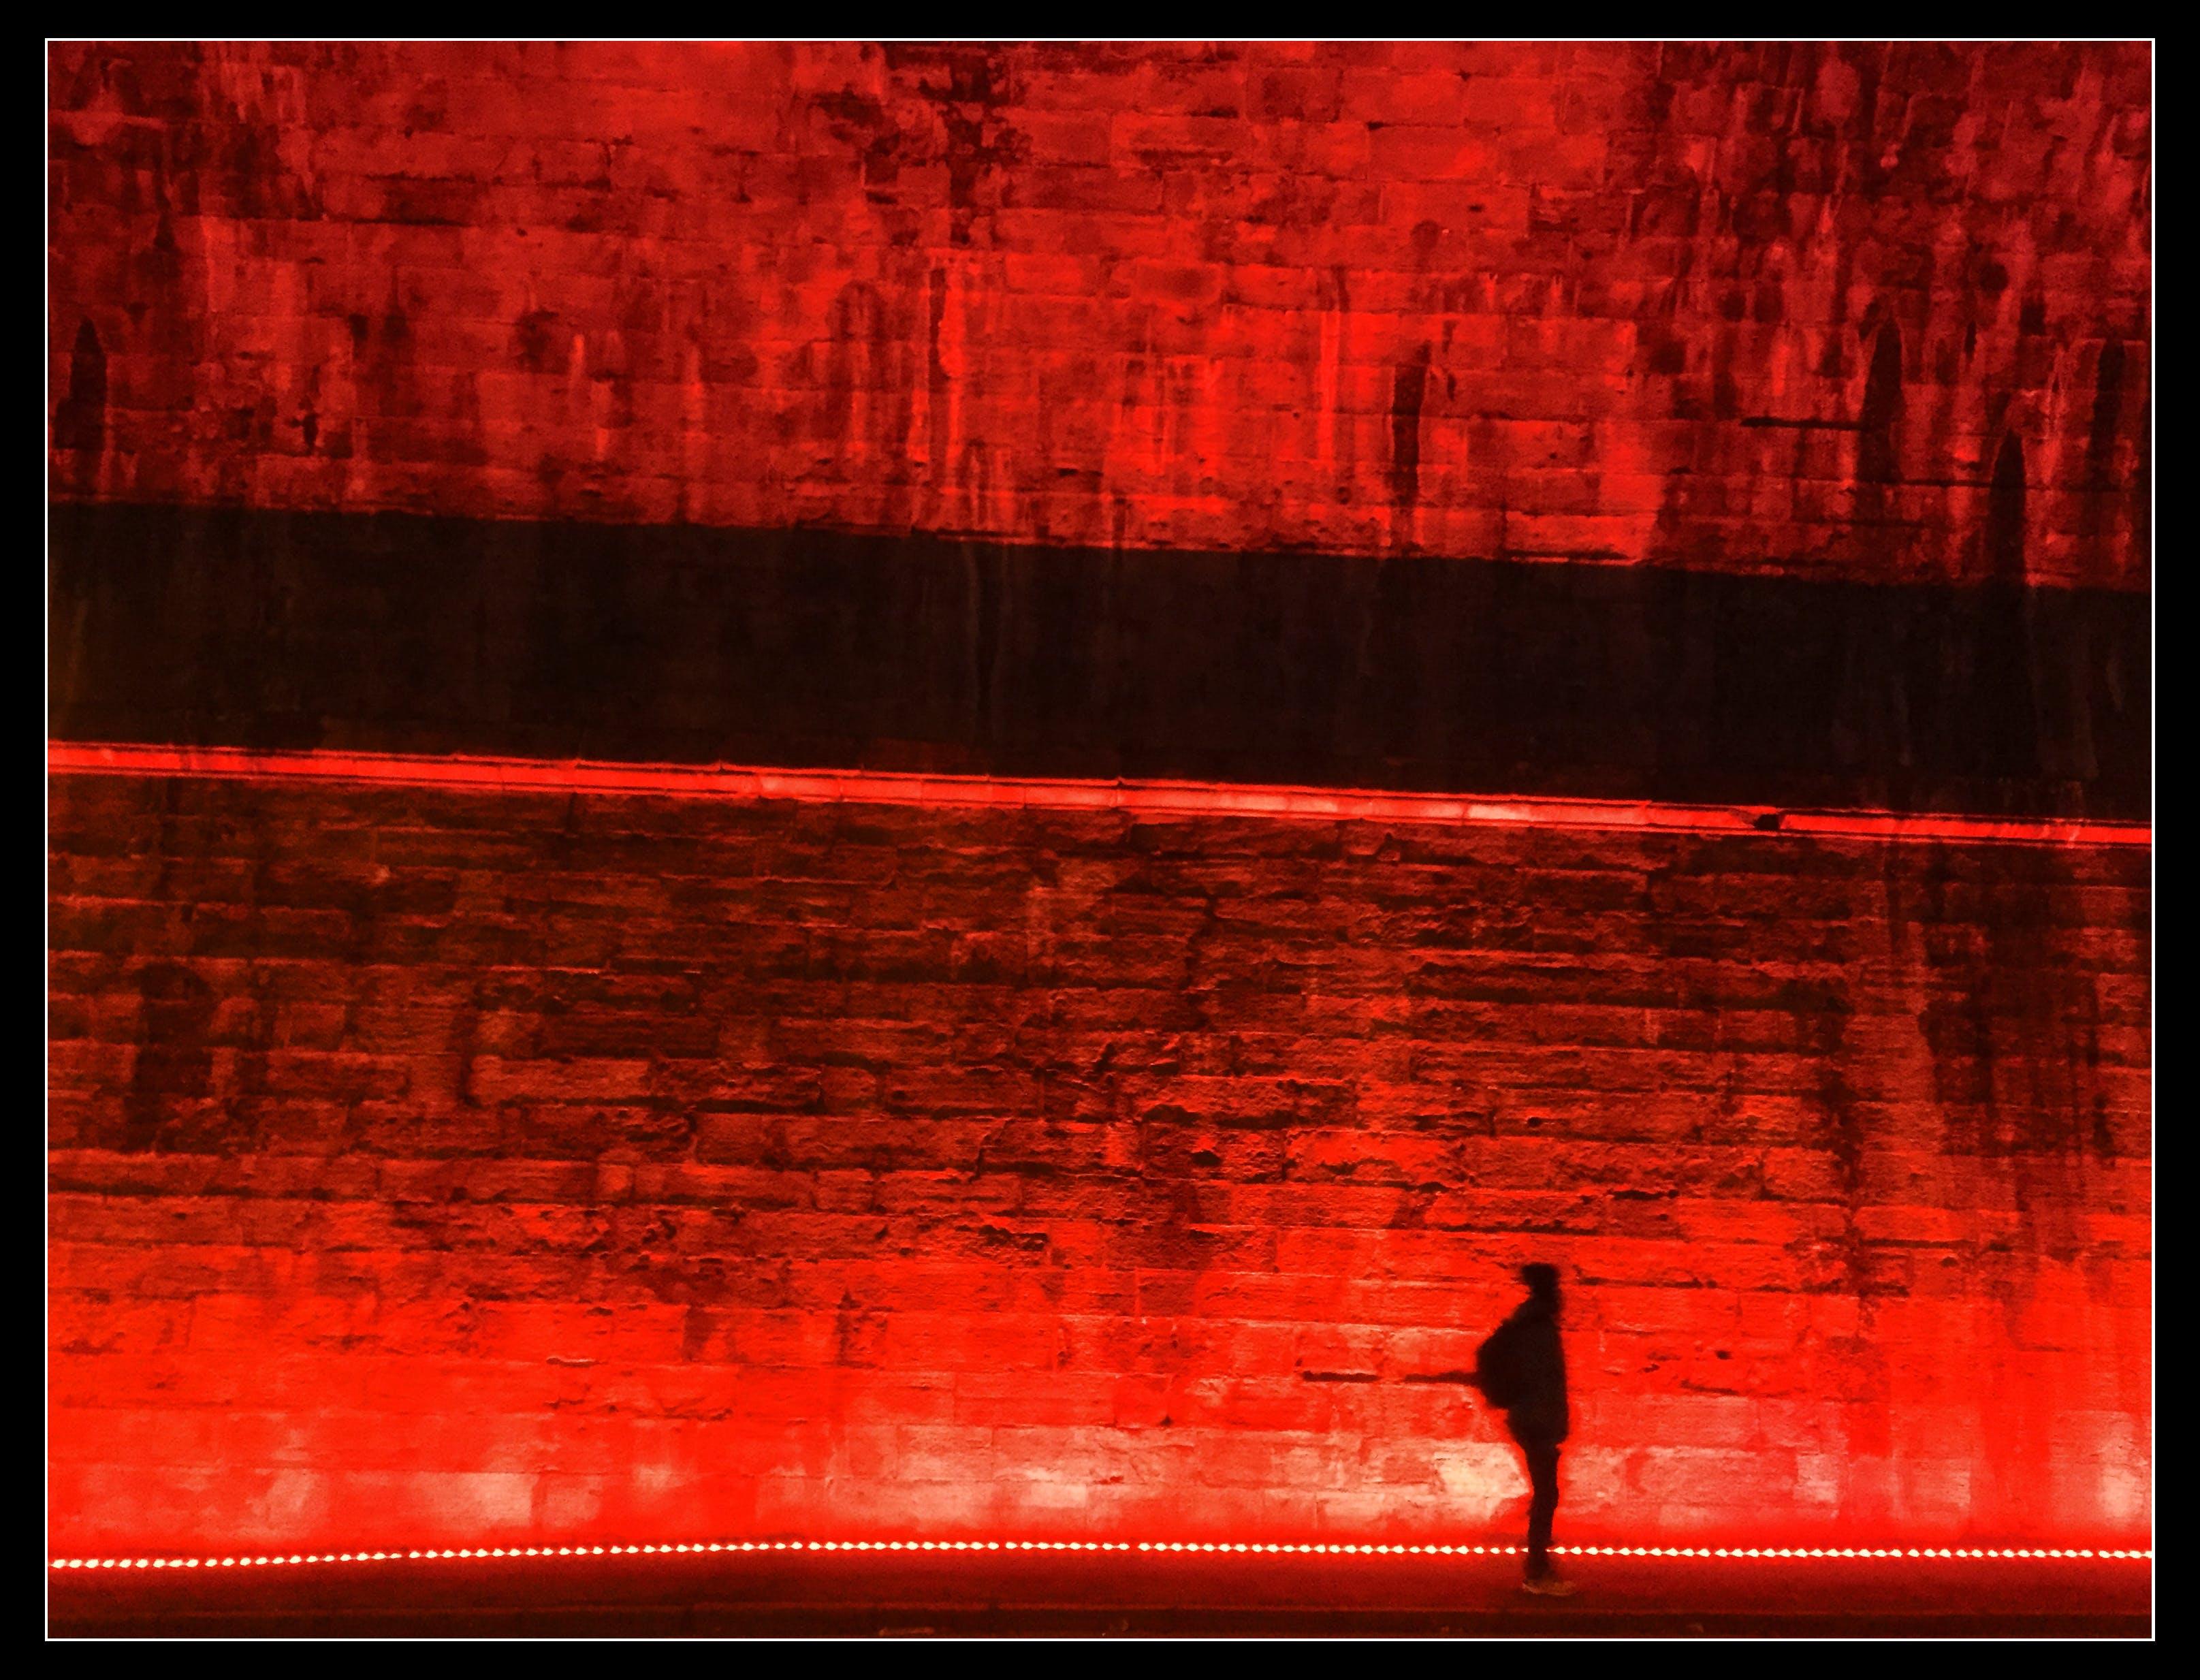 Бесплатное стоковое фото с гулять ночью, красный, ночная сцена, одинокий ходок